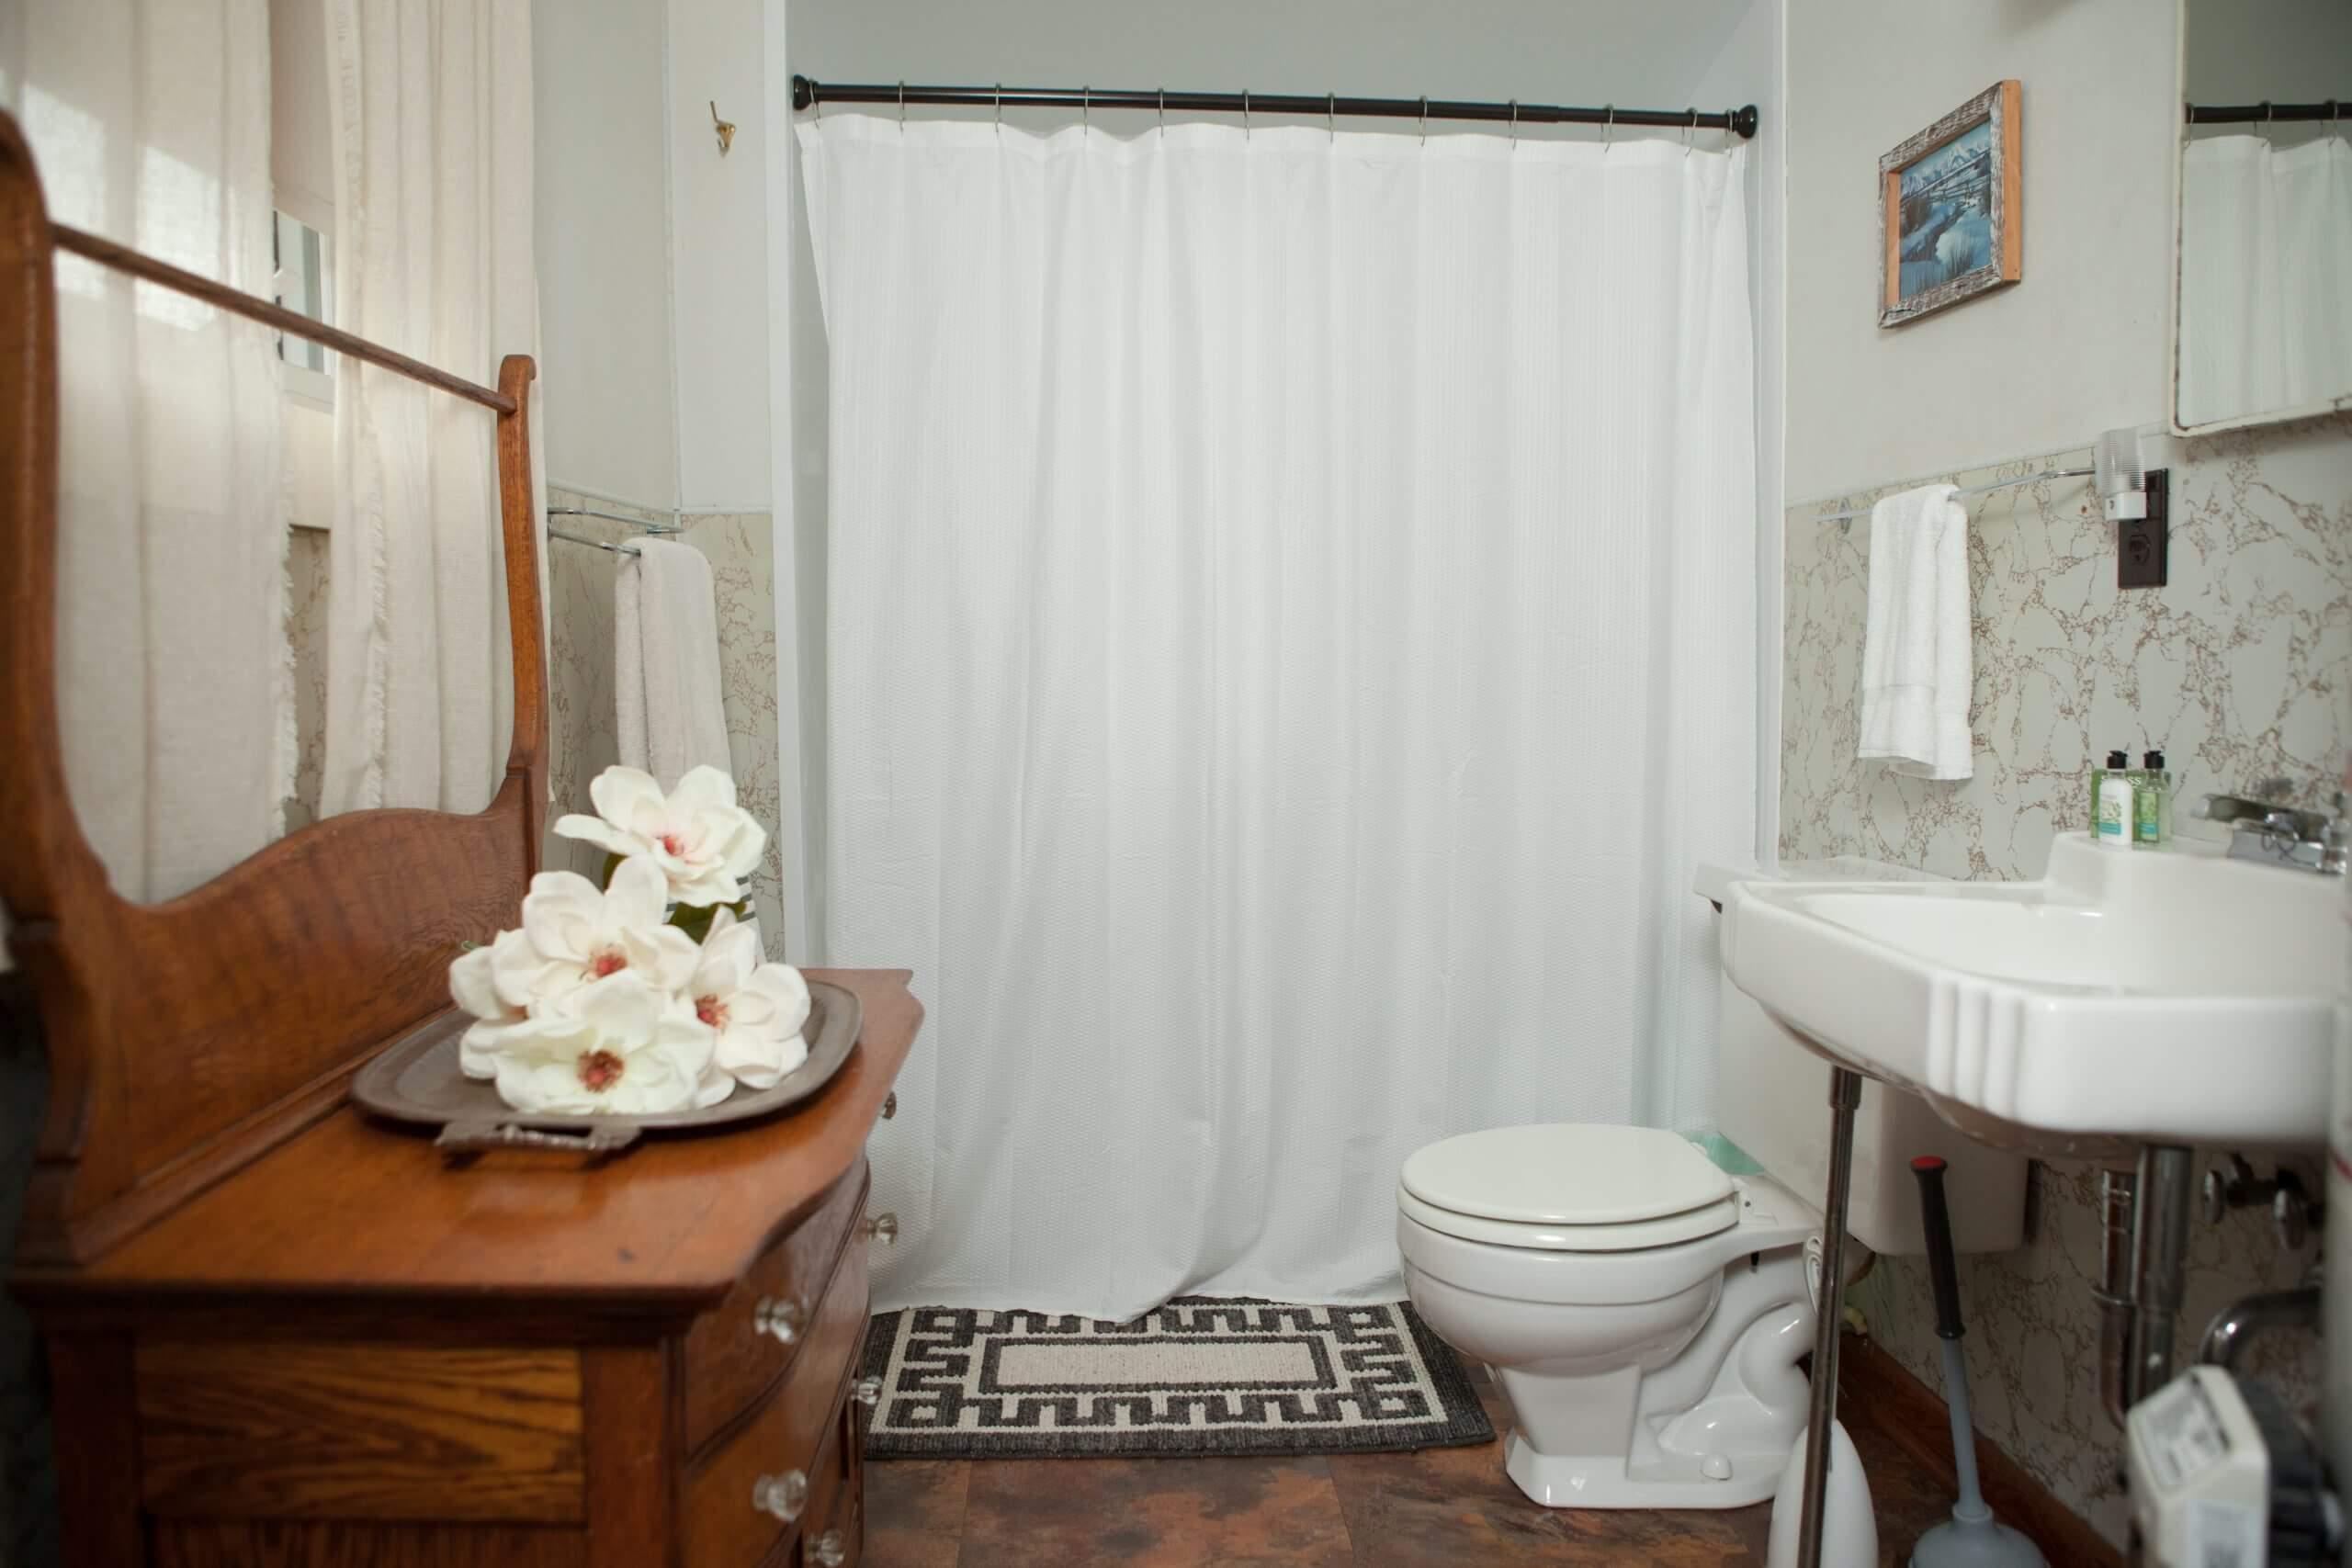 Cottage 9 bathroom, Mission Springs Resort